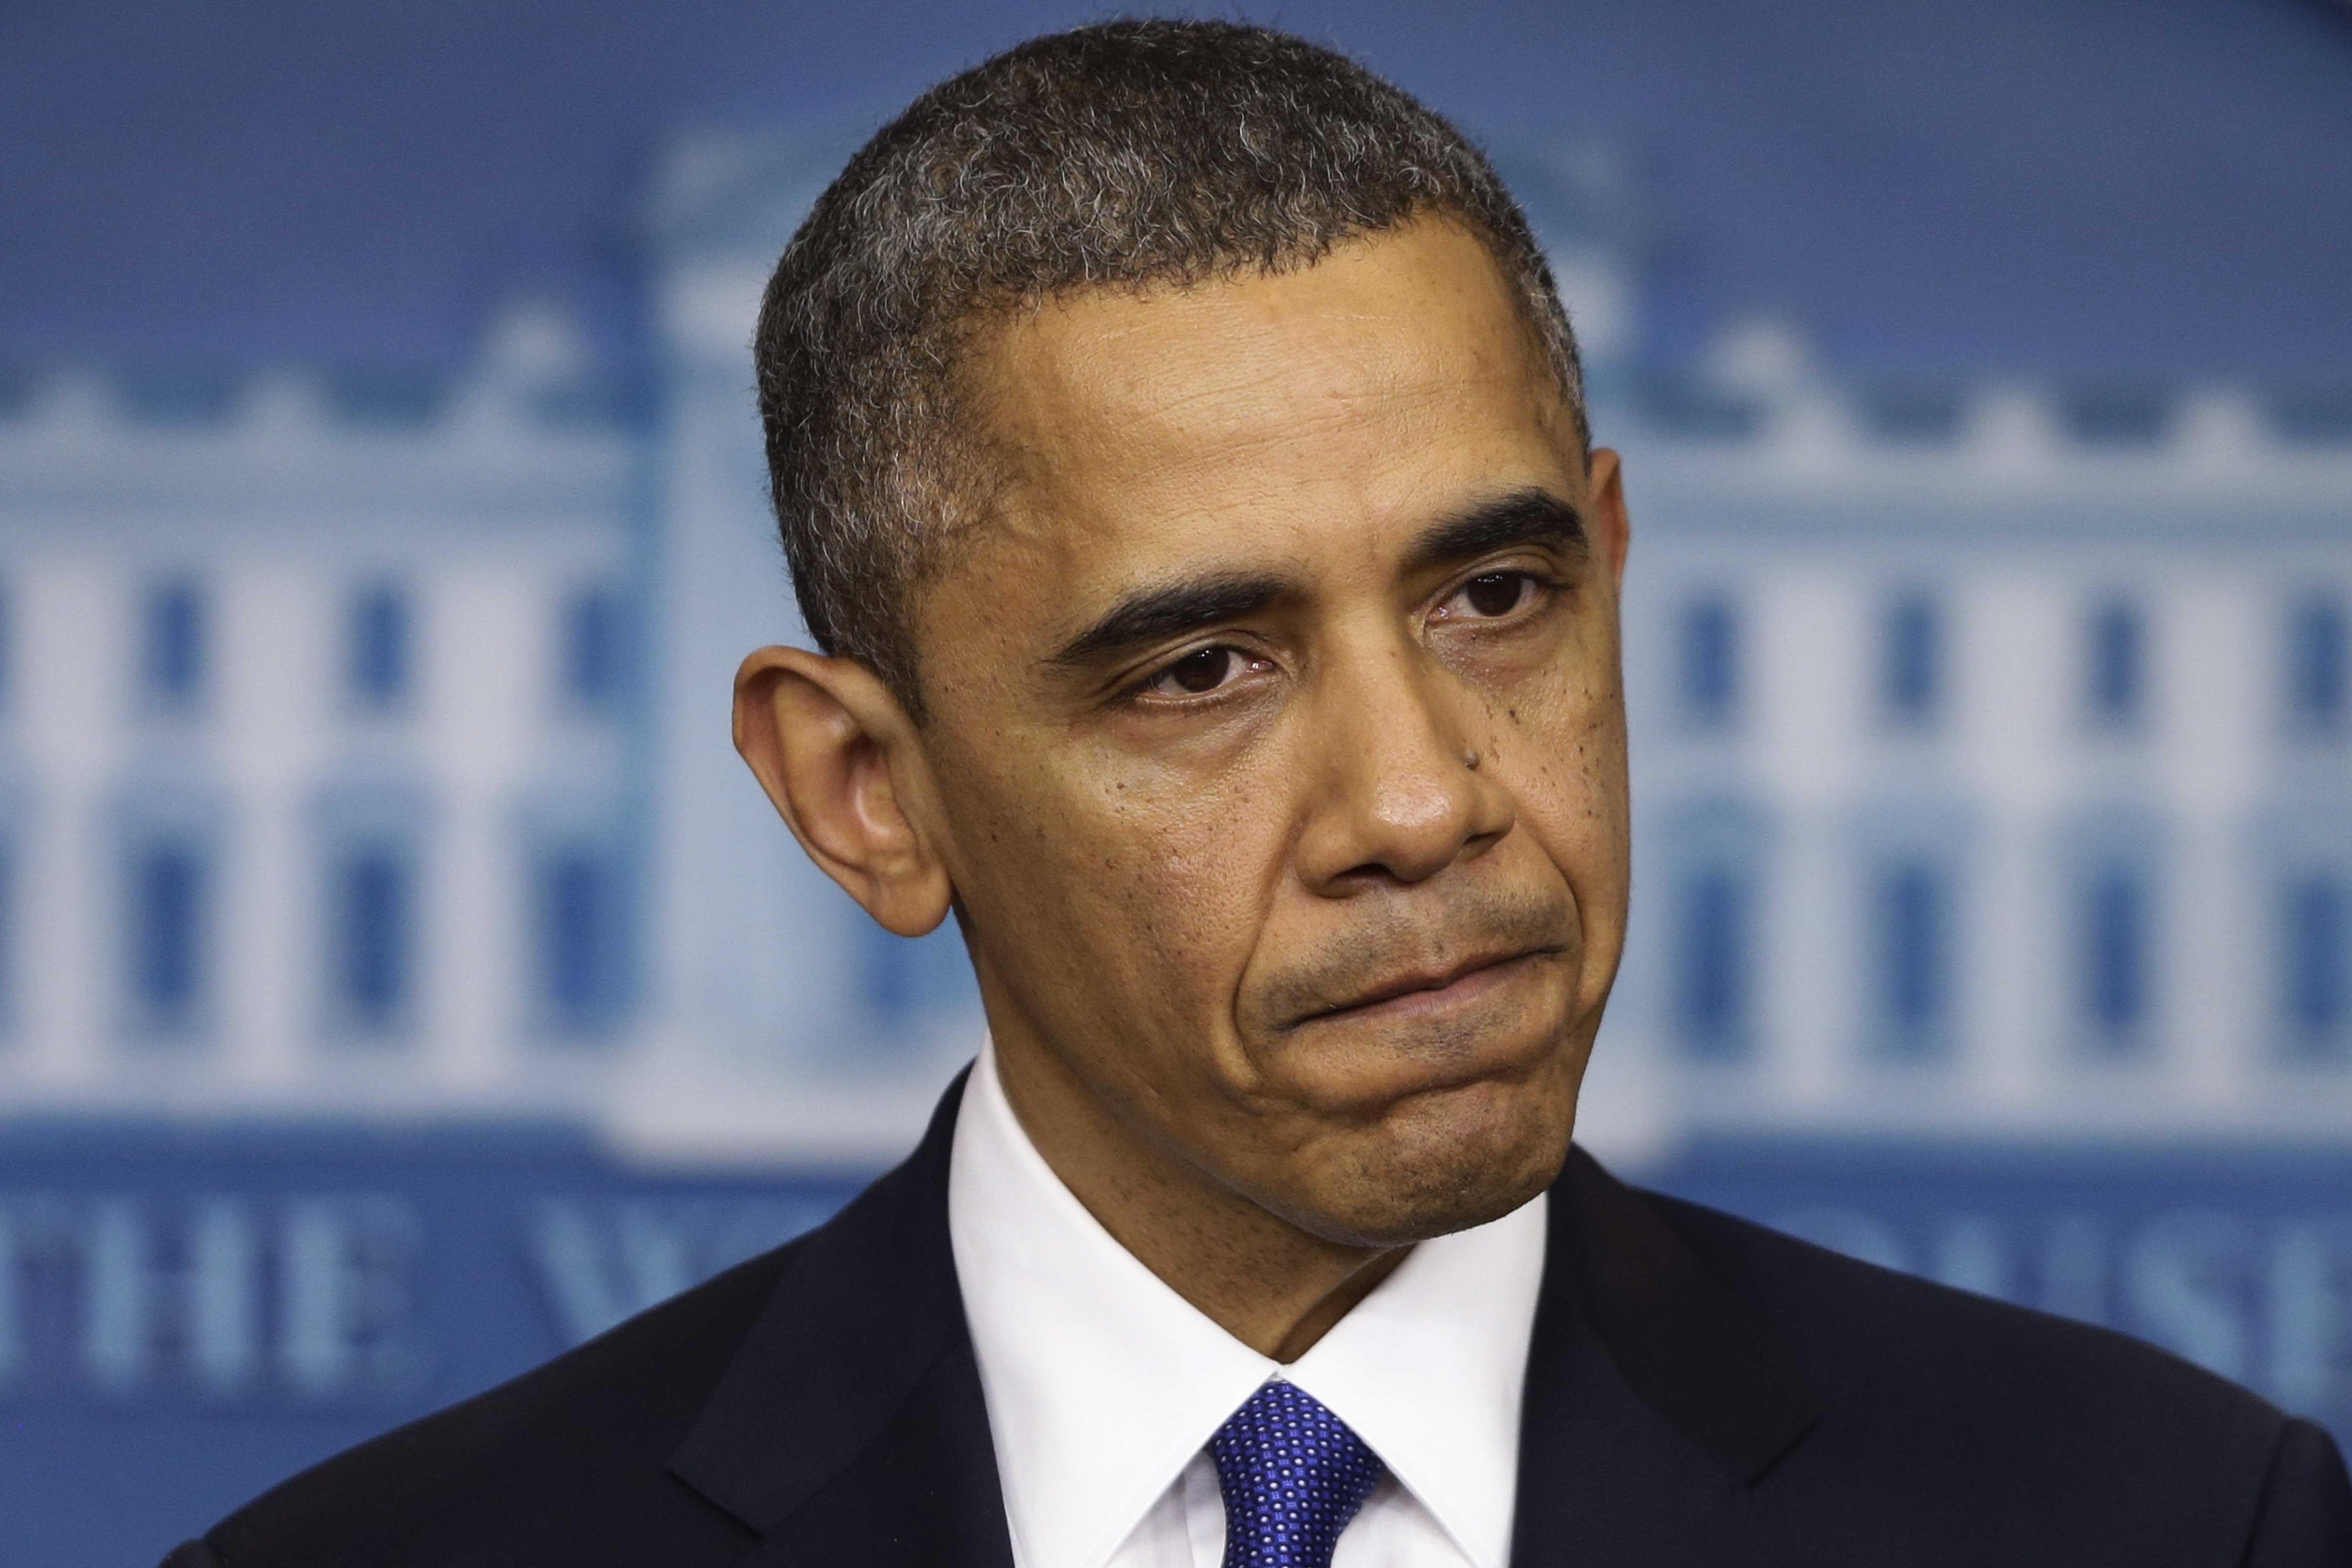 امریکہ میں 53فیصد عوام صدر اوباما کے پالیسیوں سے ناراض